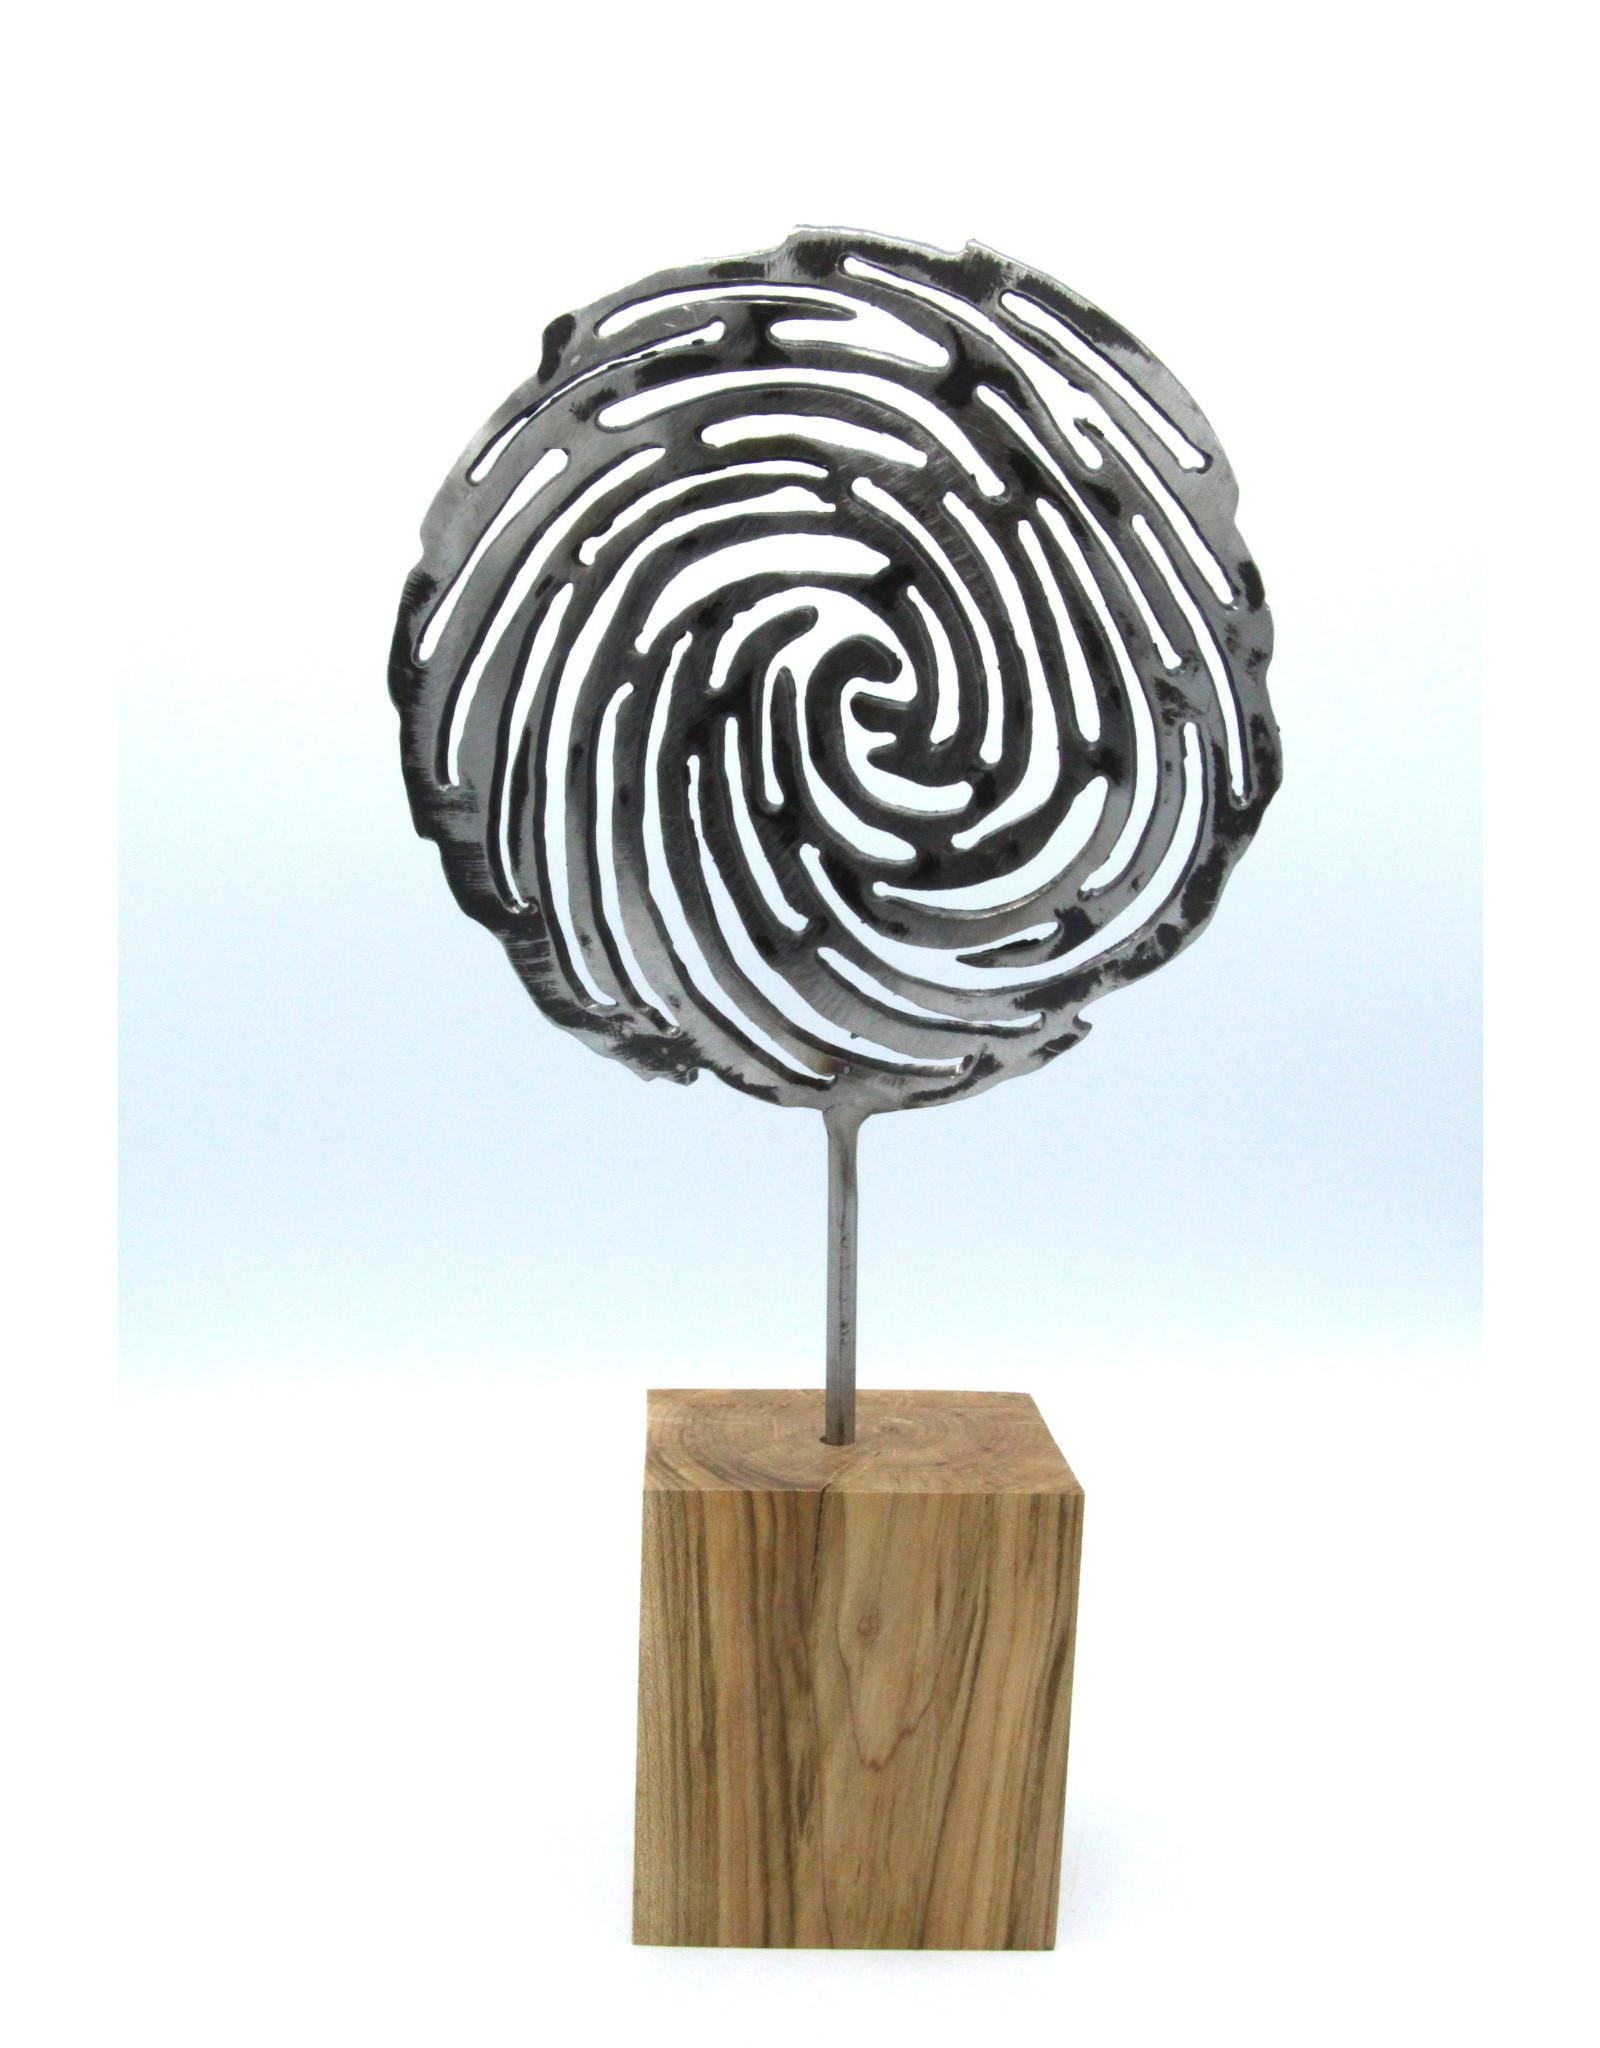 Metal Sculptures - Abstract